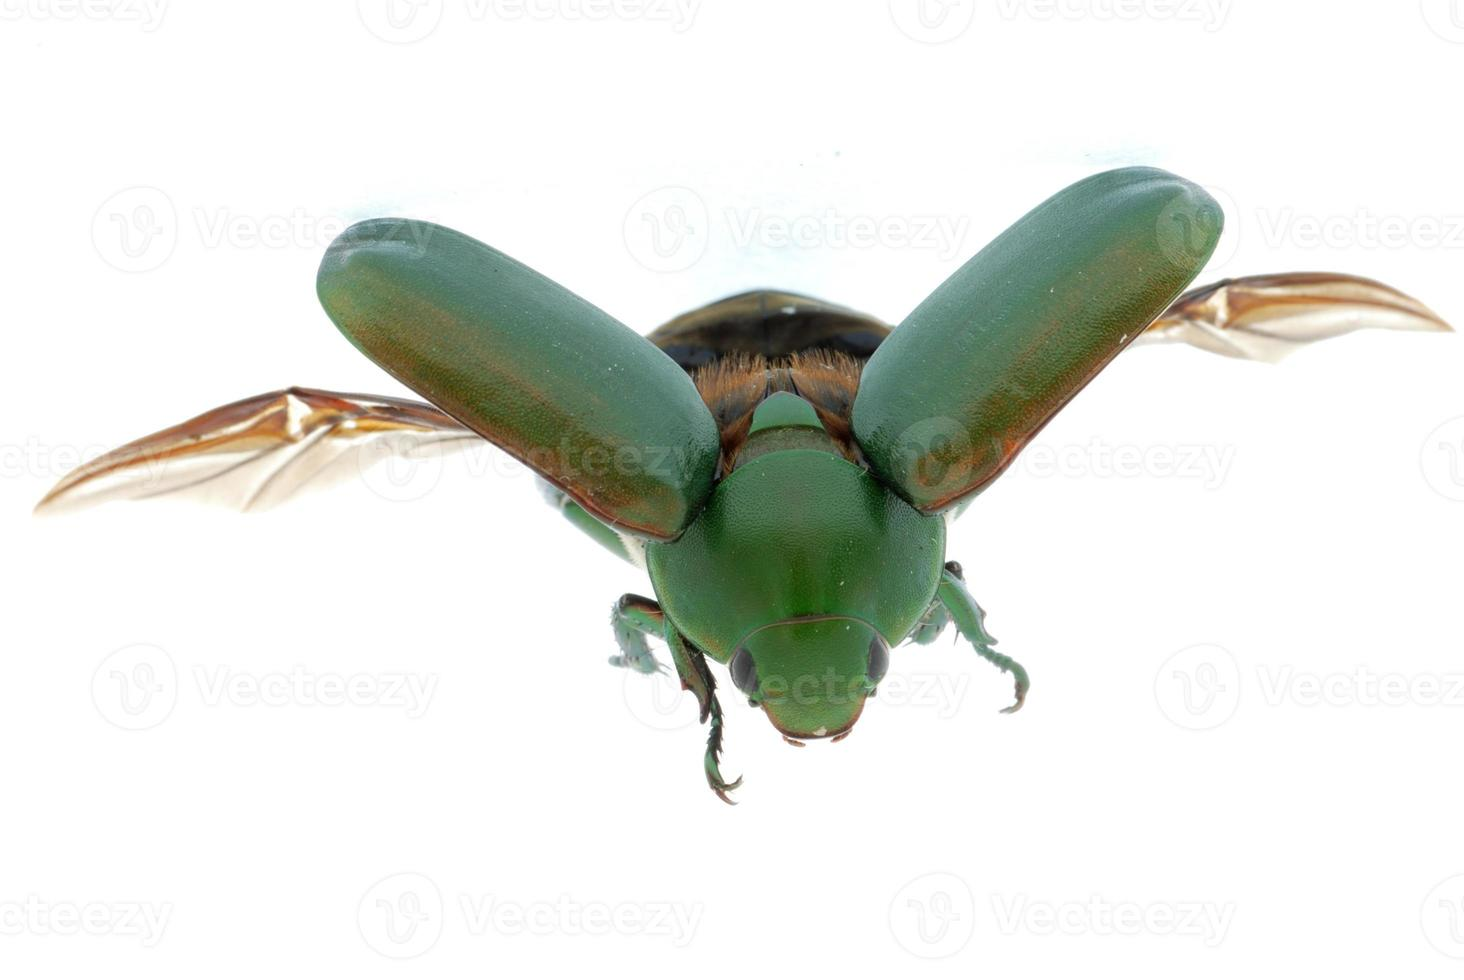 grüner Käfer des fliegenden Insekts lokalisiert auf Weiß foto